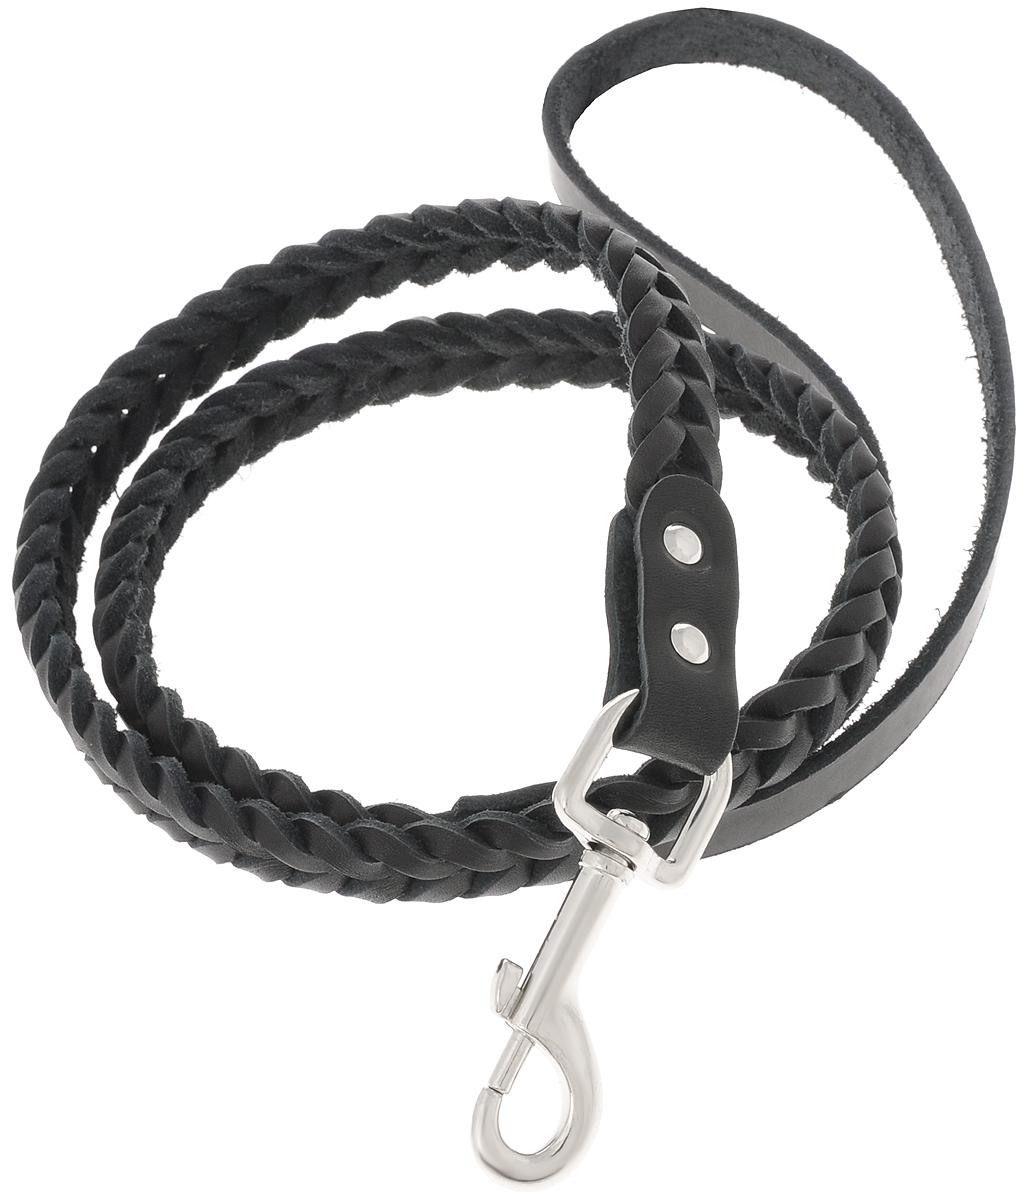 Поводок для собак Каскад Классика, плетеный, цвет: черный, ширина 1 см, длина 1,25 м02010021чПоводок для собак Каскад Классика изготовлен из высококачественной искусственный кожи в виде объемного плетения и снабжен металлическим карабином. Изделие отличается не только исключительной надежностью и удобством, но и привлекательным современным дизайном.Поводок - необходимый аксессуар для собаки. Ведь в опасных ситуациях именно он способен спасти жизнь вашему любимому питомцу. Иногда нужно ограничивать свободу своего четвероногого друга, чтобы защитить его или себя от неприятностей на прогулке. Длина поводка: 1,25 м.Ширина поводка: 1 см.